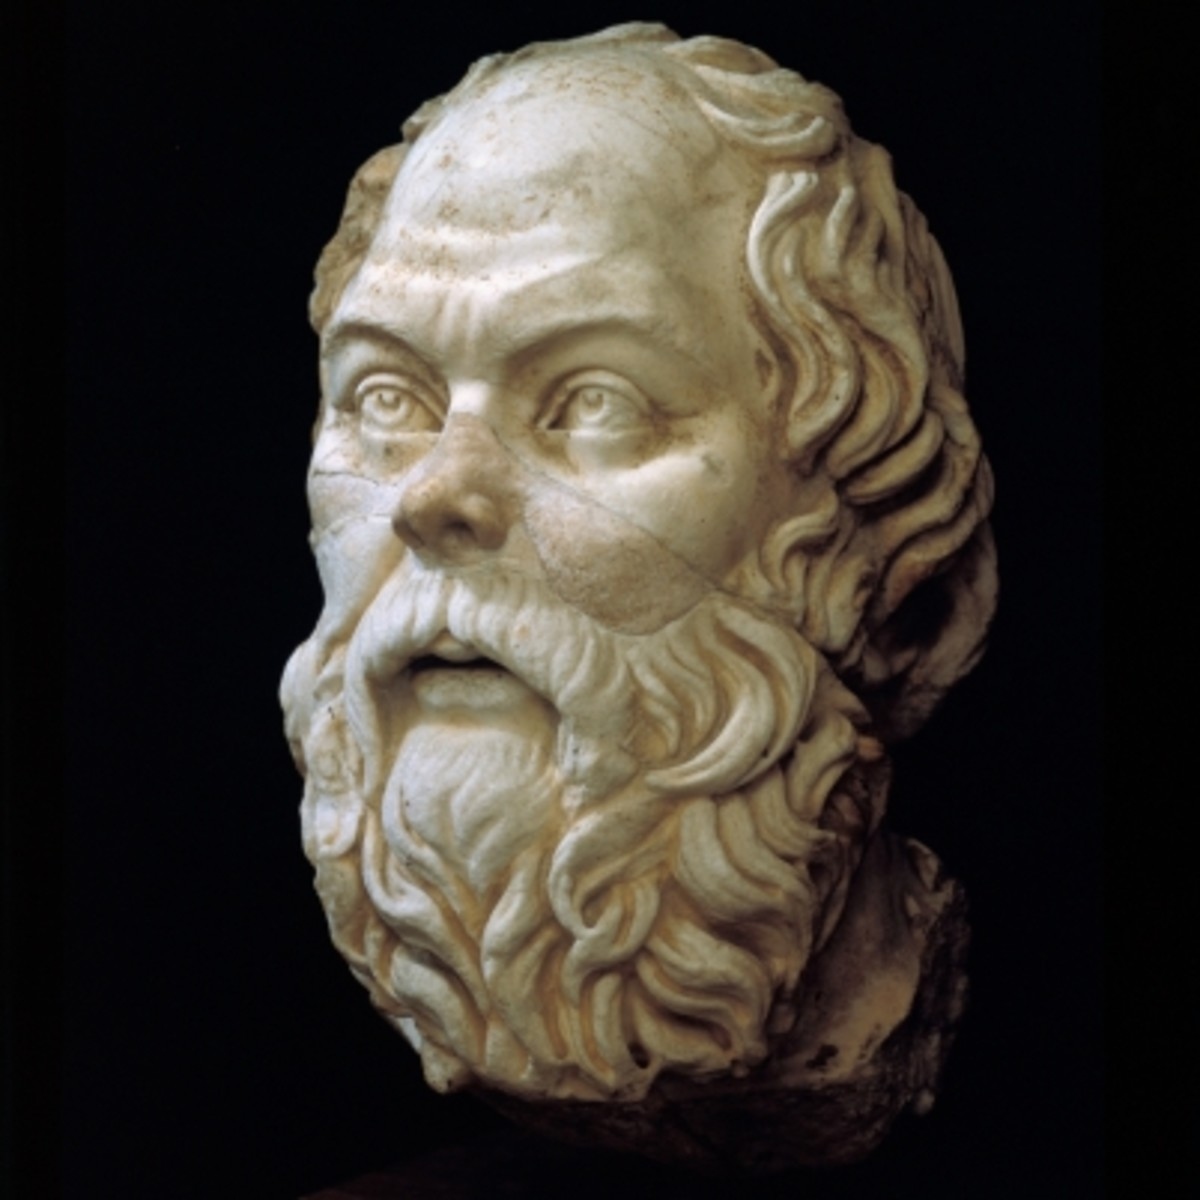 Sócrates Biografía Características Frases Aportes Y